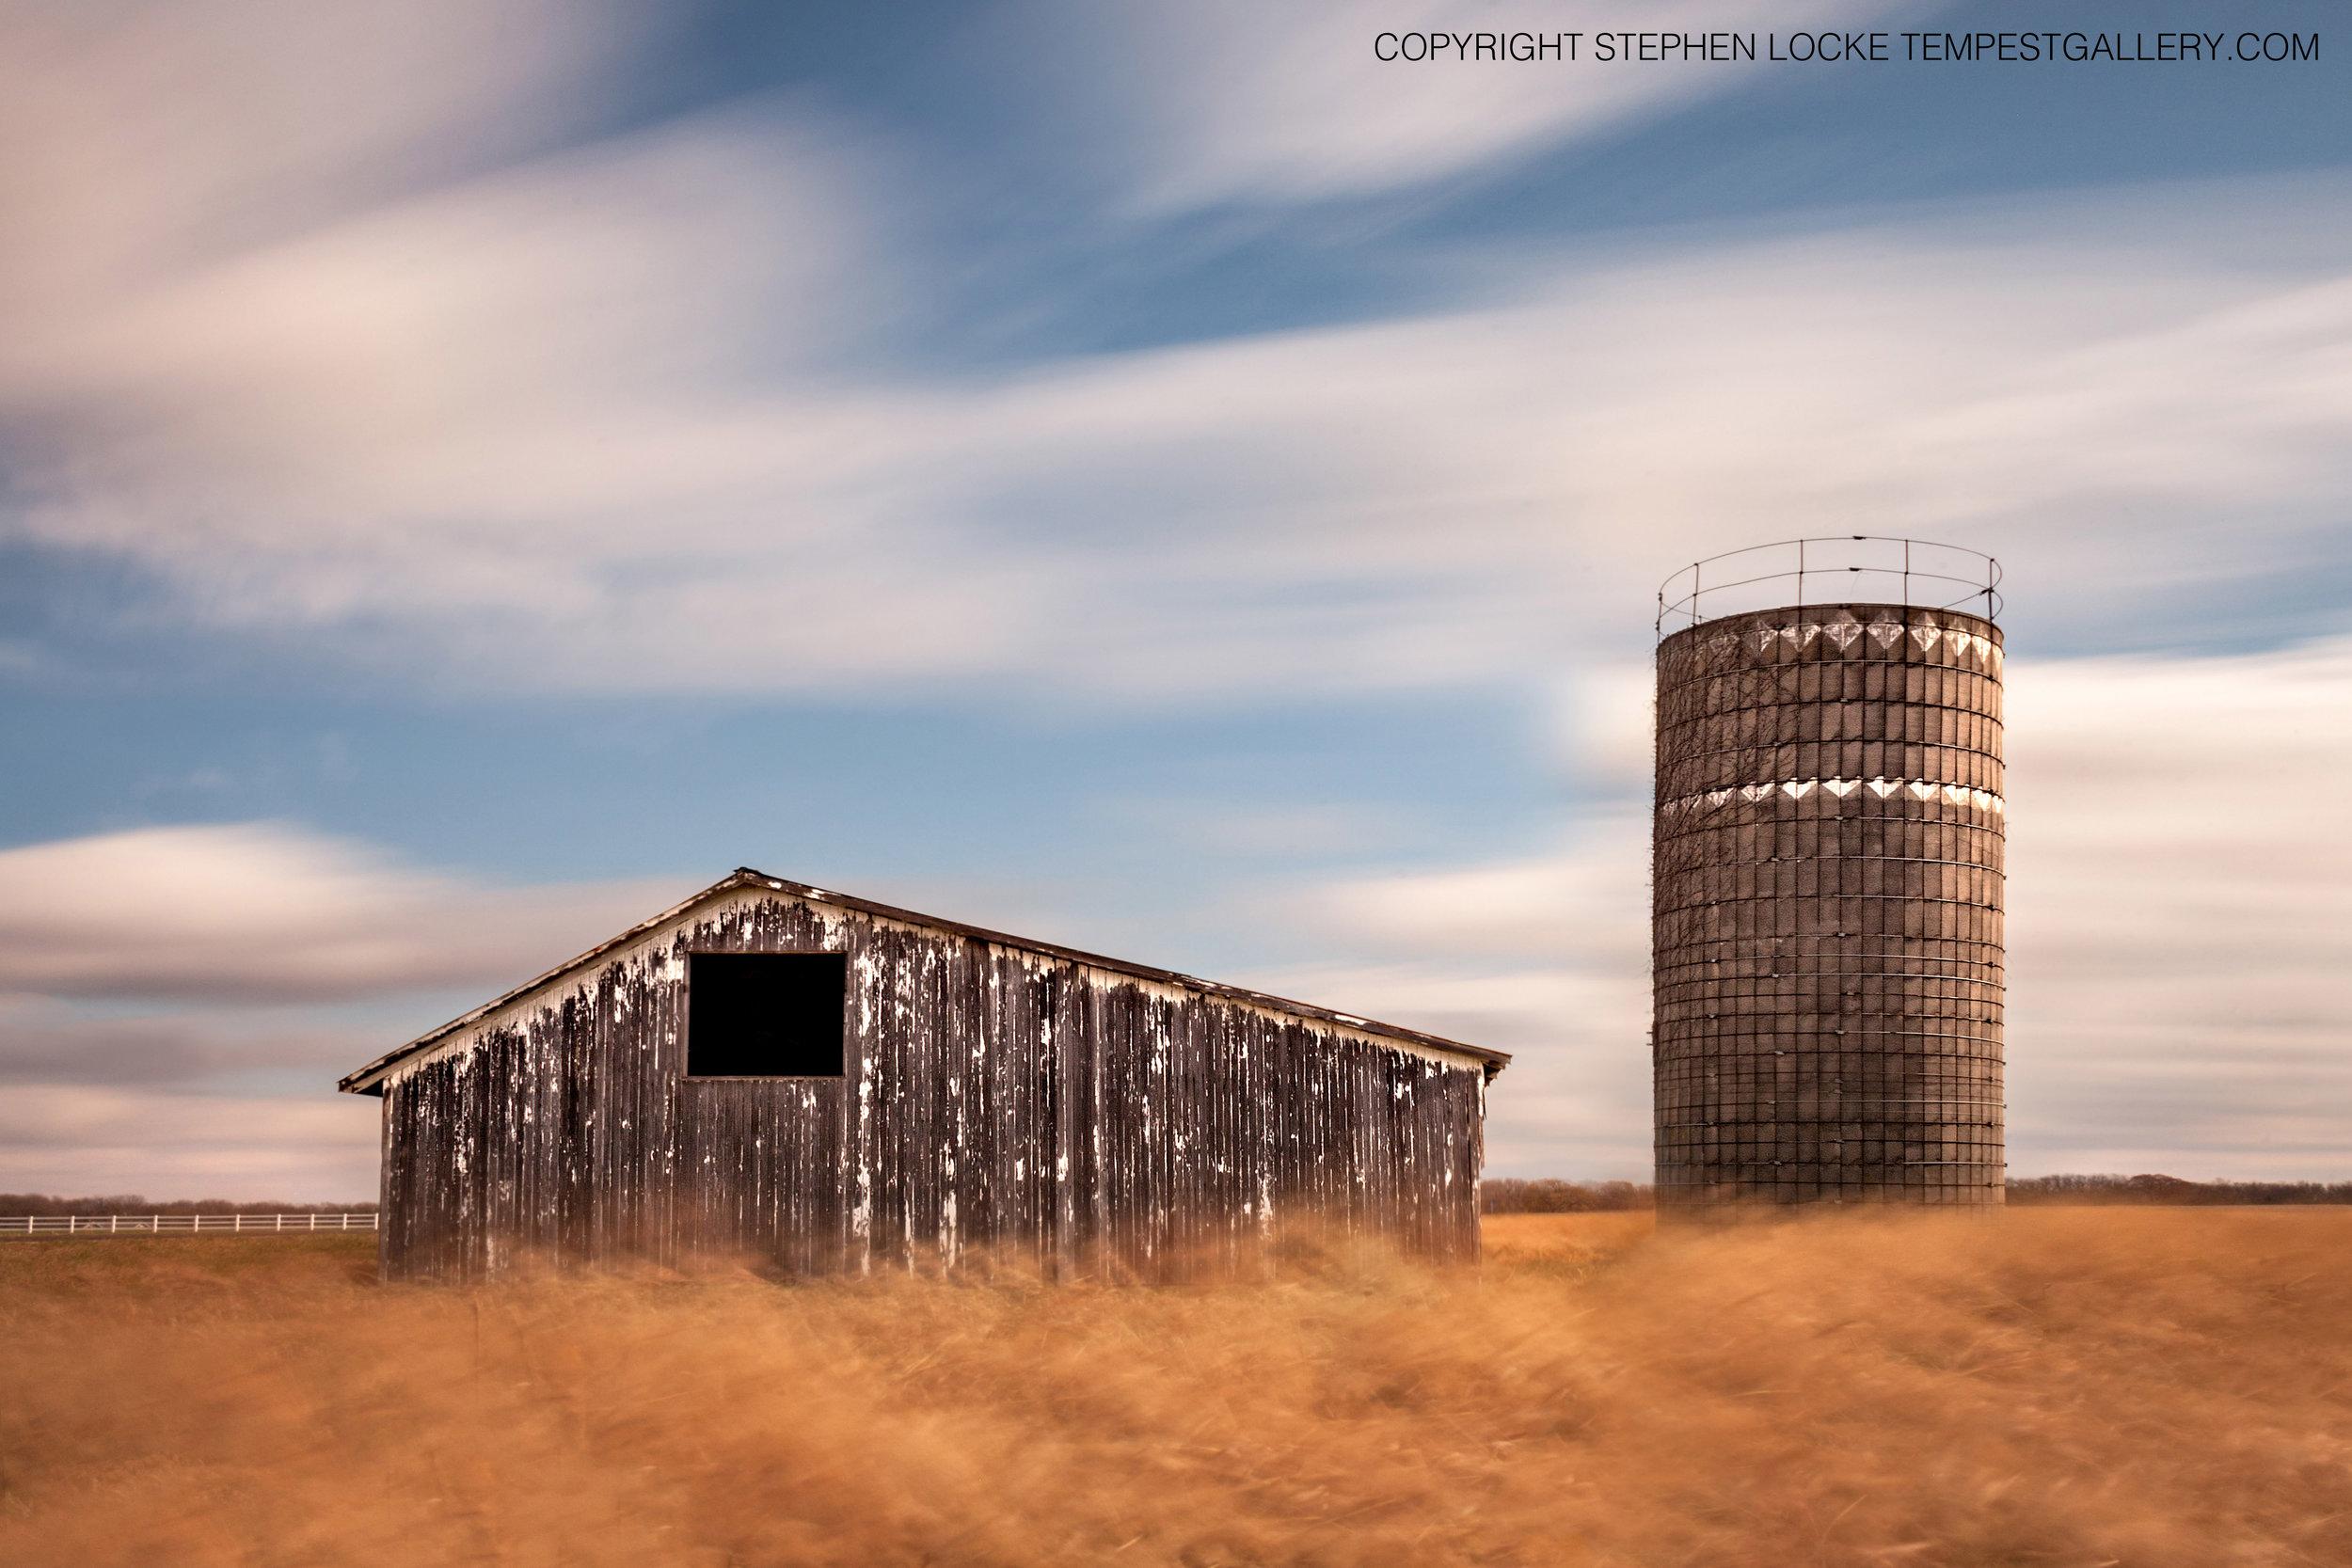 South Wind by Stephen Locke